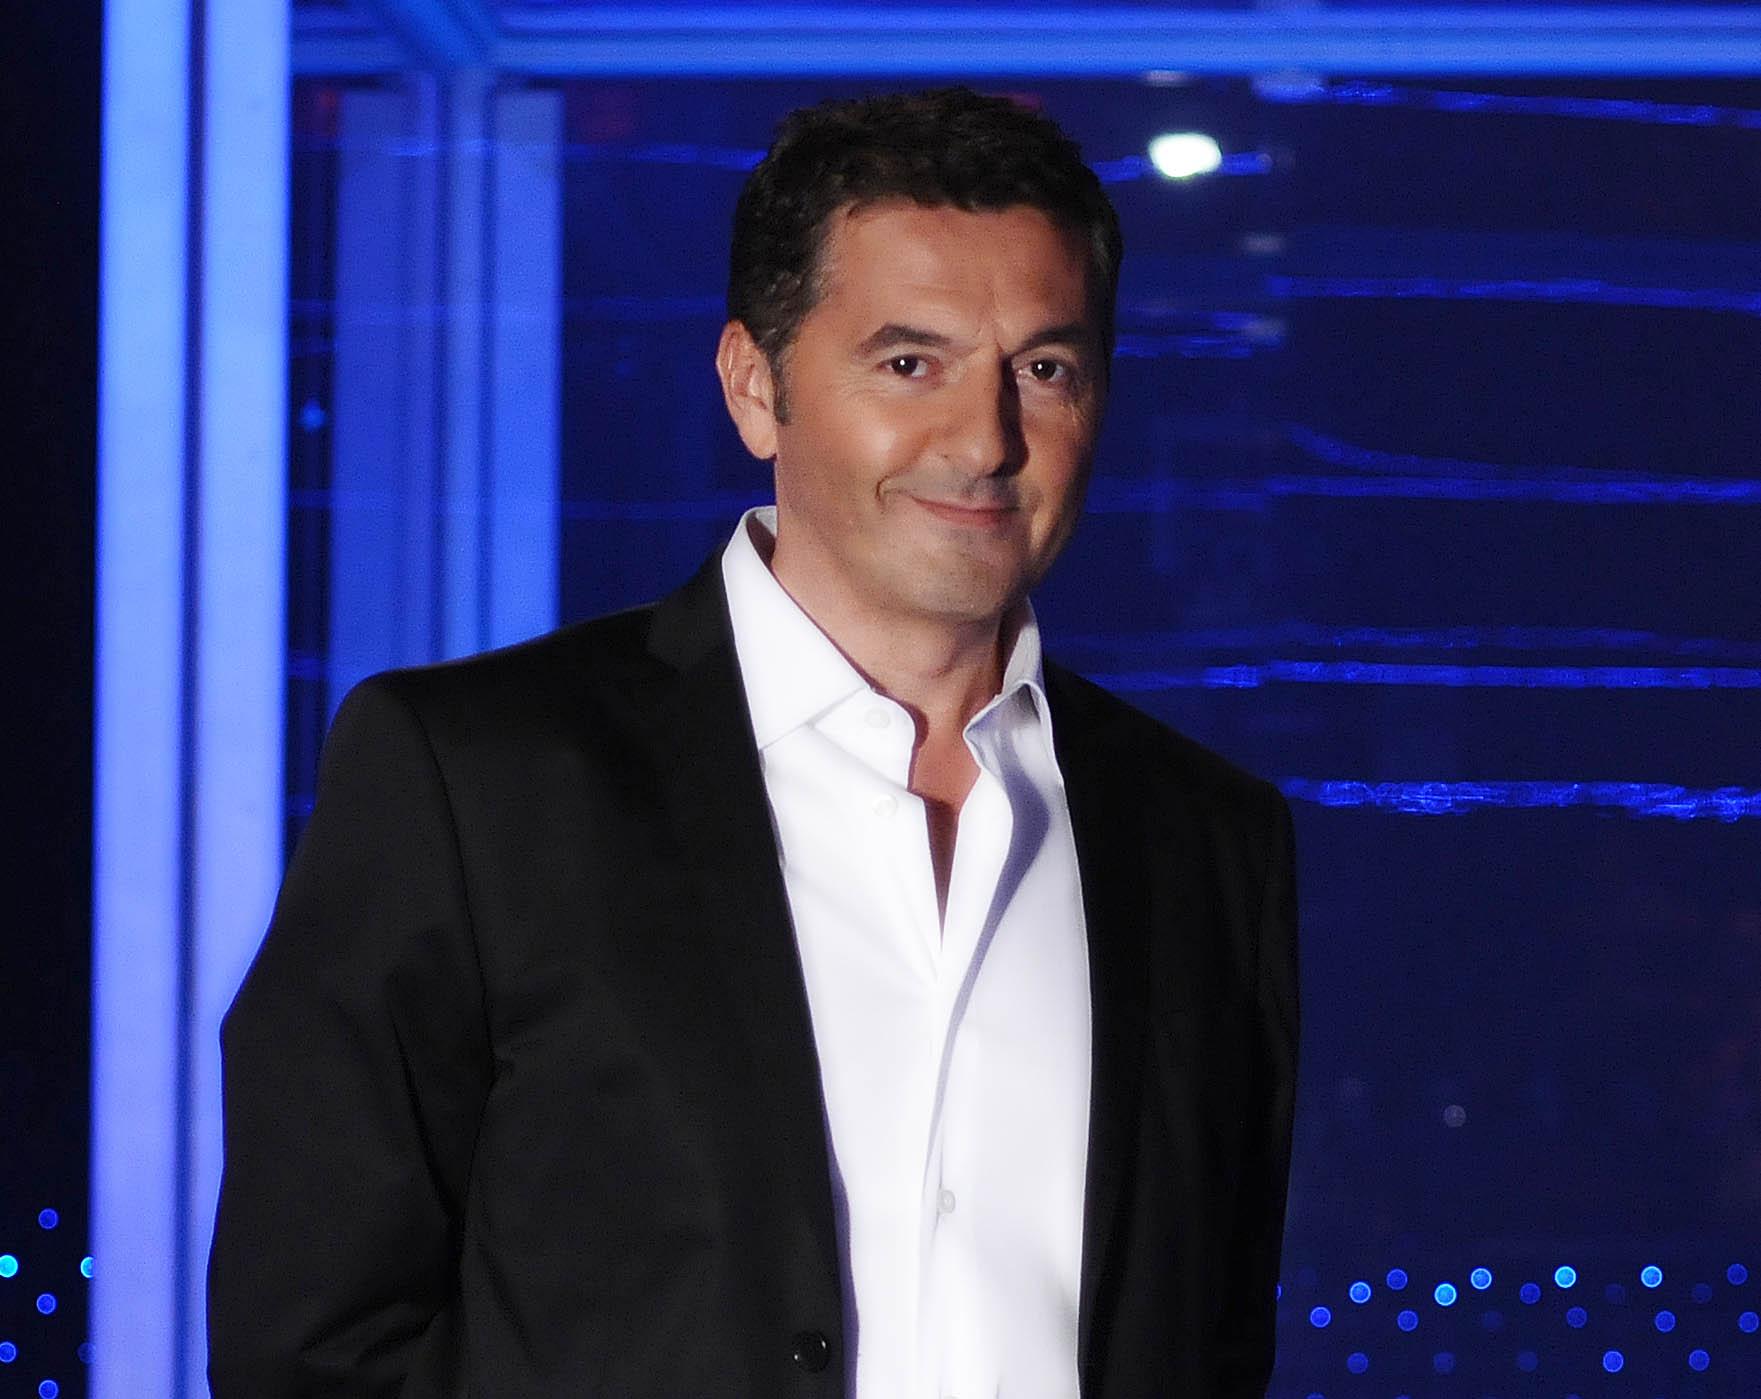 La grande magia – The illusionist, Teo Mammucari torna dall'11 gennaio su Canale 5